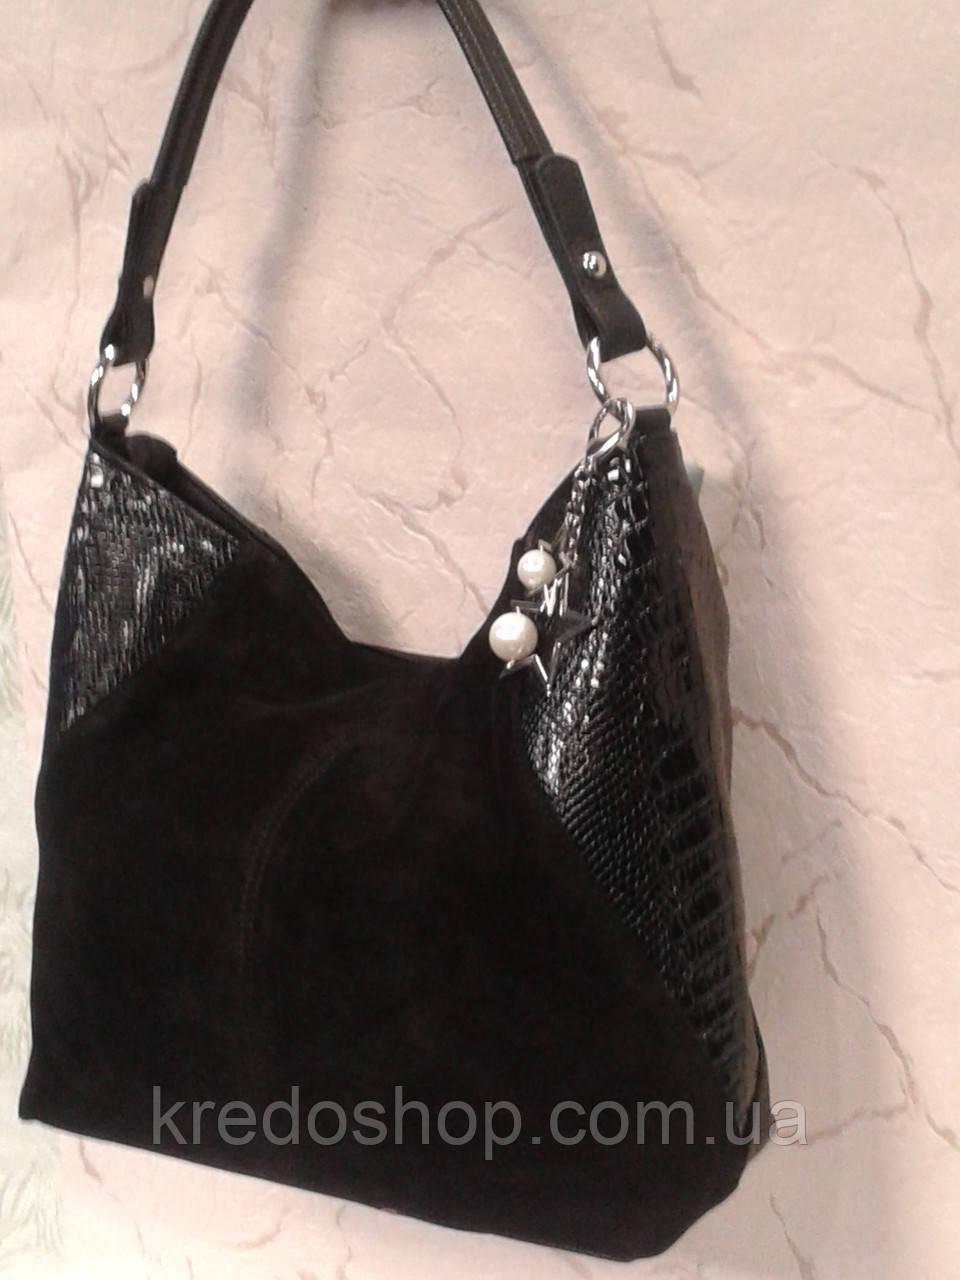 50cbf9ad26e9 Сумка замшевая женская черная модная стильная, цена 819 грн., купить Кривий  Ріг — Prom.ua (ID#869447102)